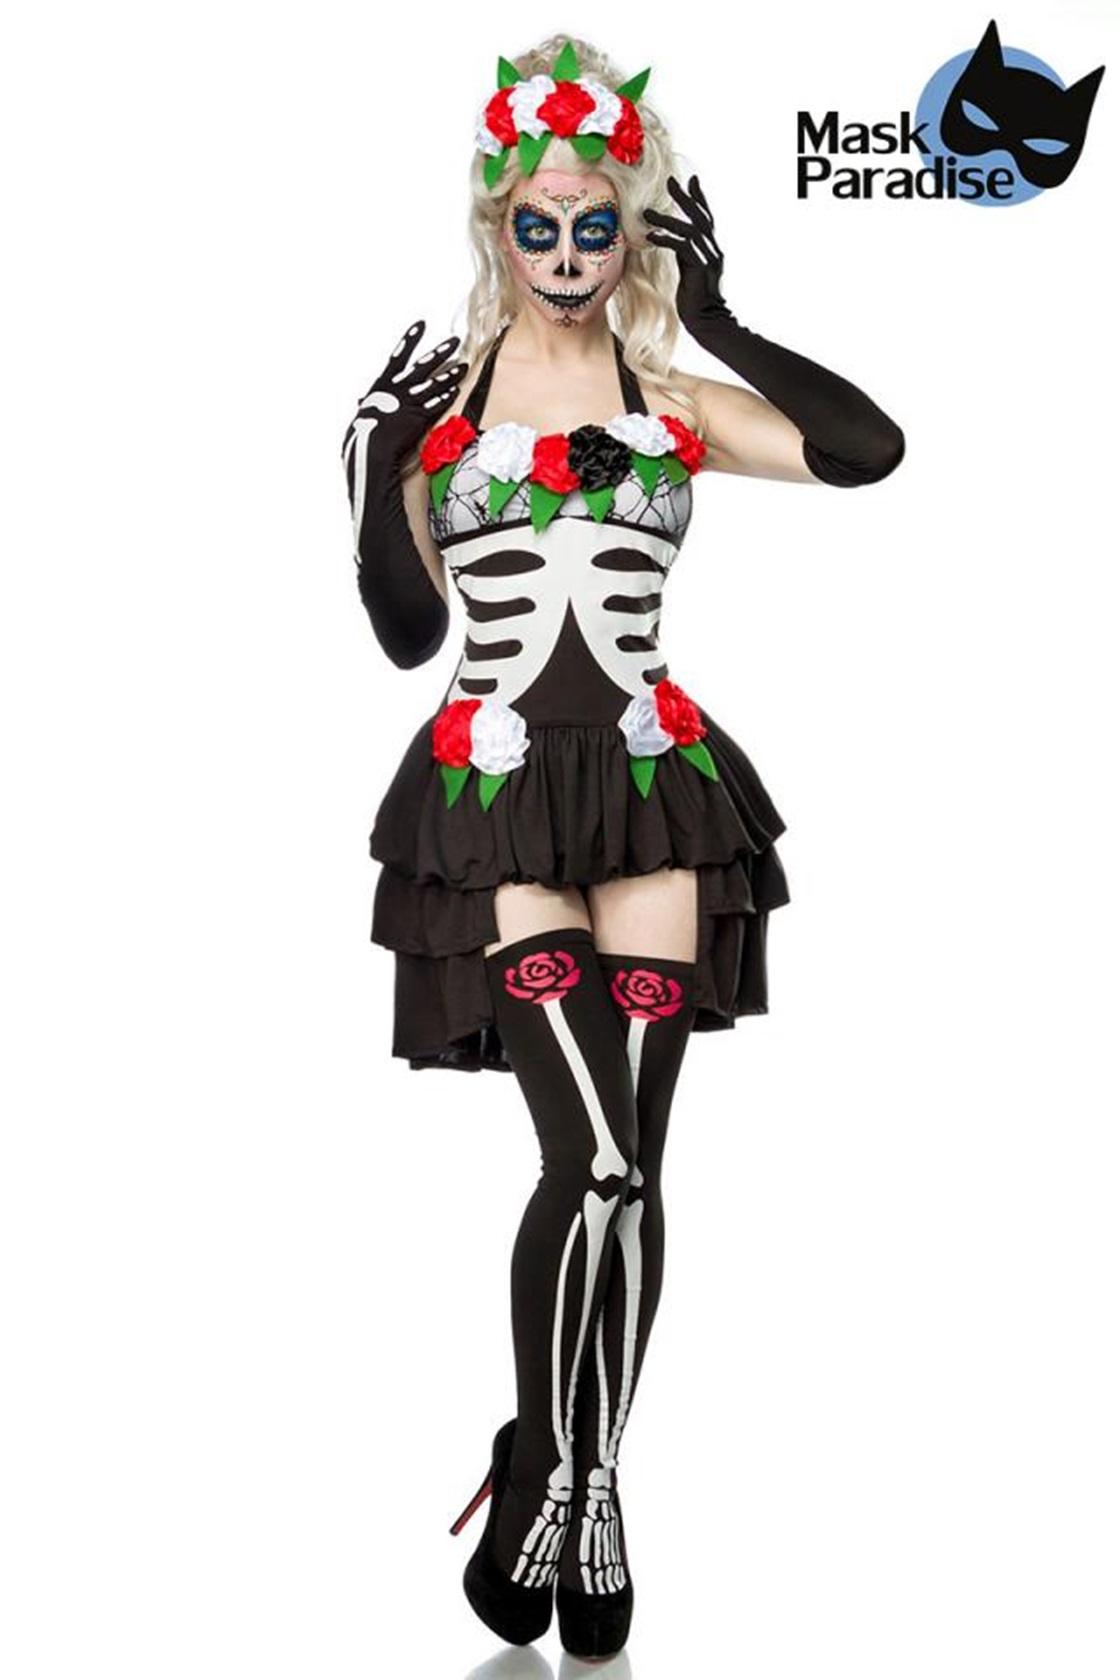 80007 Mexican Skeleton Komplettset MASK PARADISE